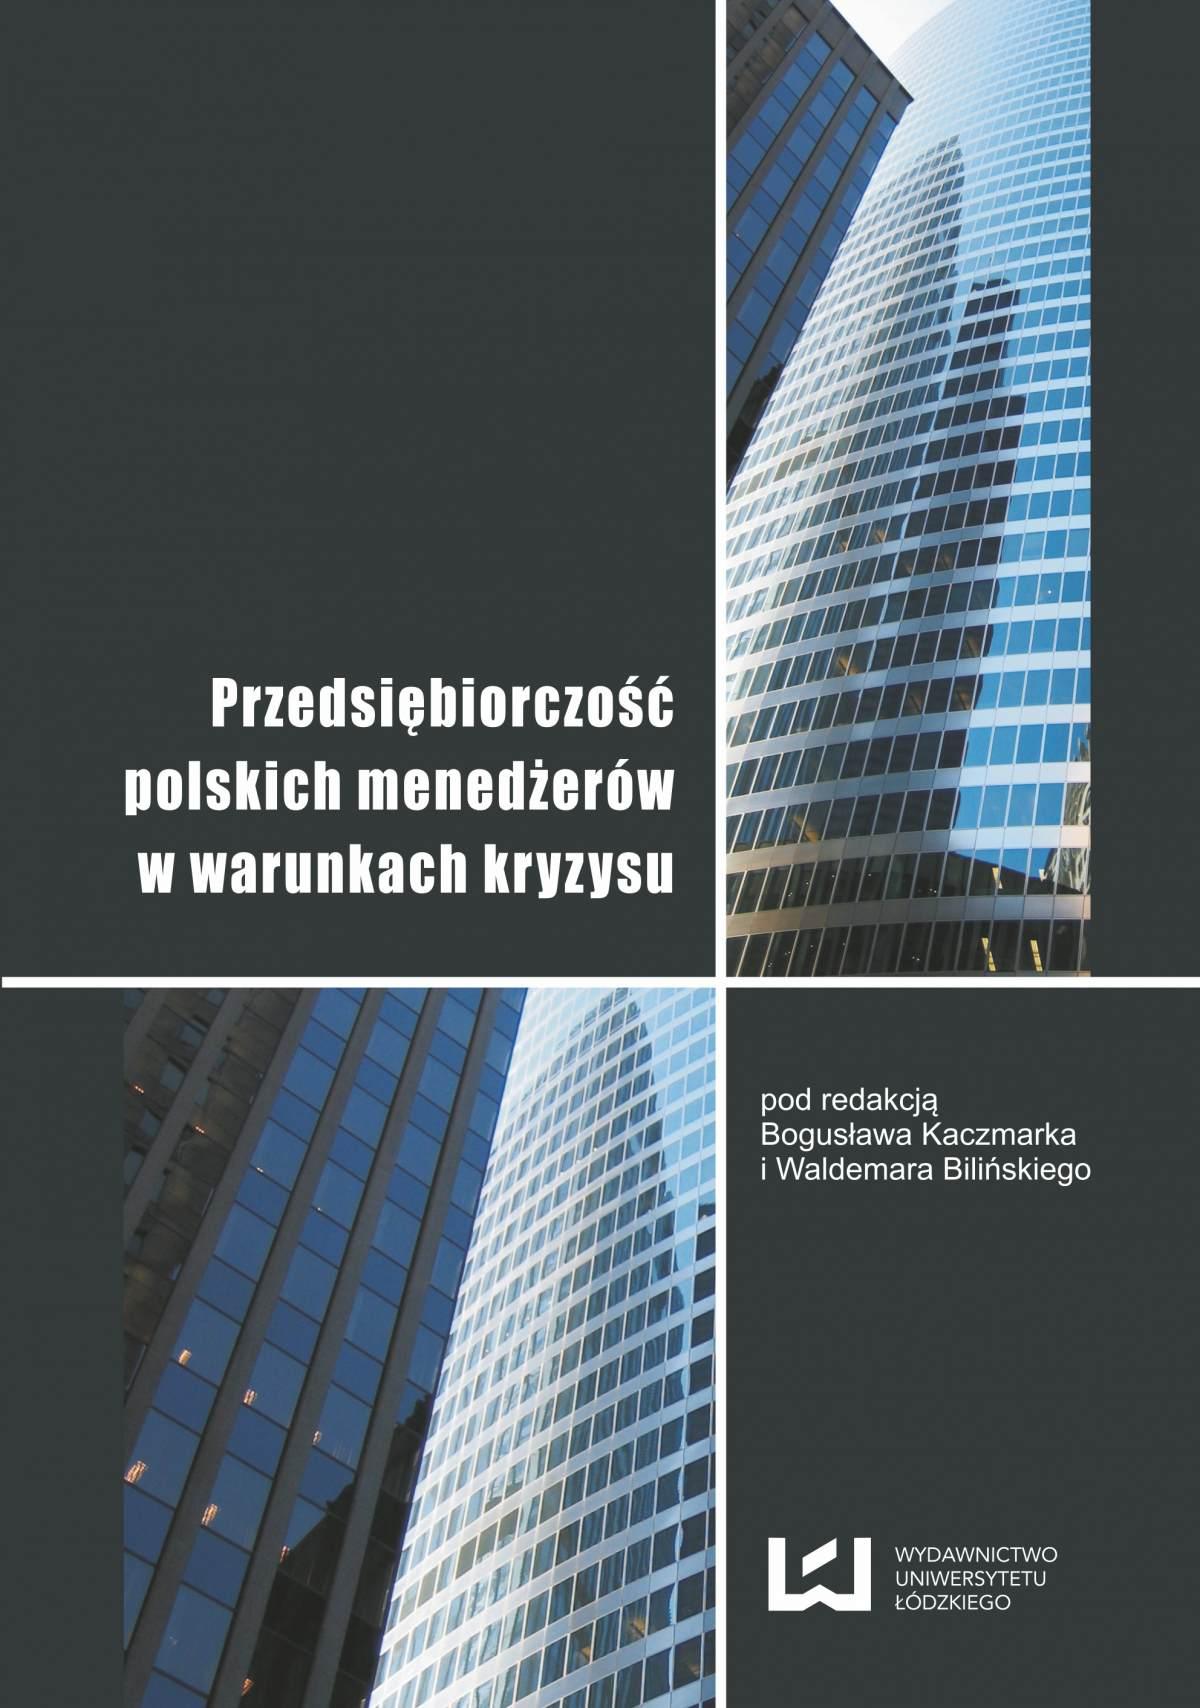 Przedsiębiorczość polskich menedżerów w warunkach kryzysu - Ebook (Książka PDF) do pobrania w formacie PDF